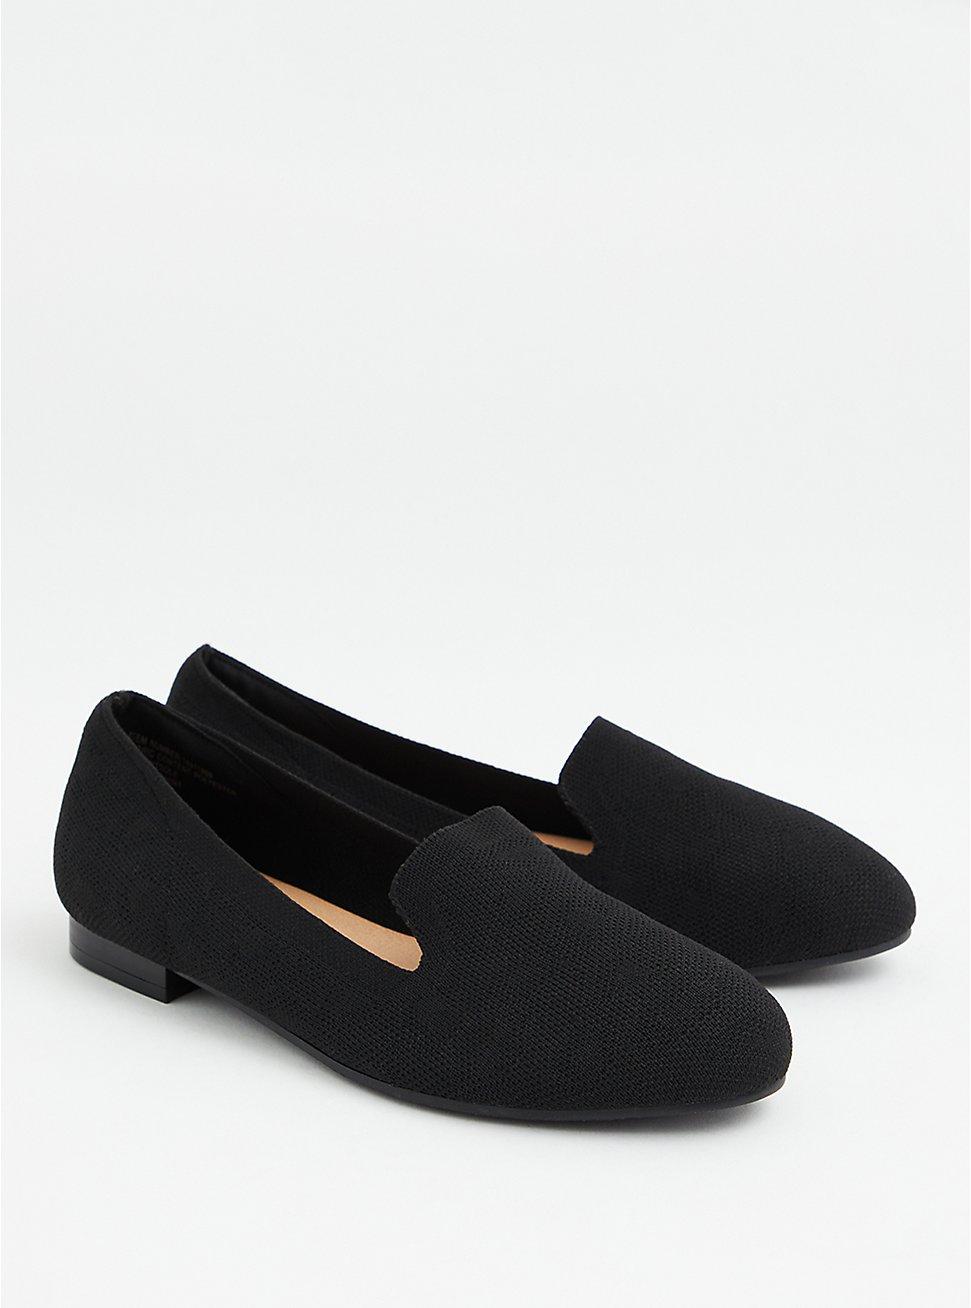 Black Stretch Knit Loafer (WW), BLACK, hi-res